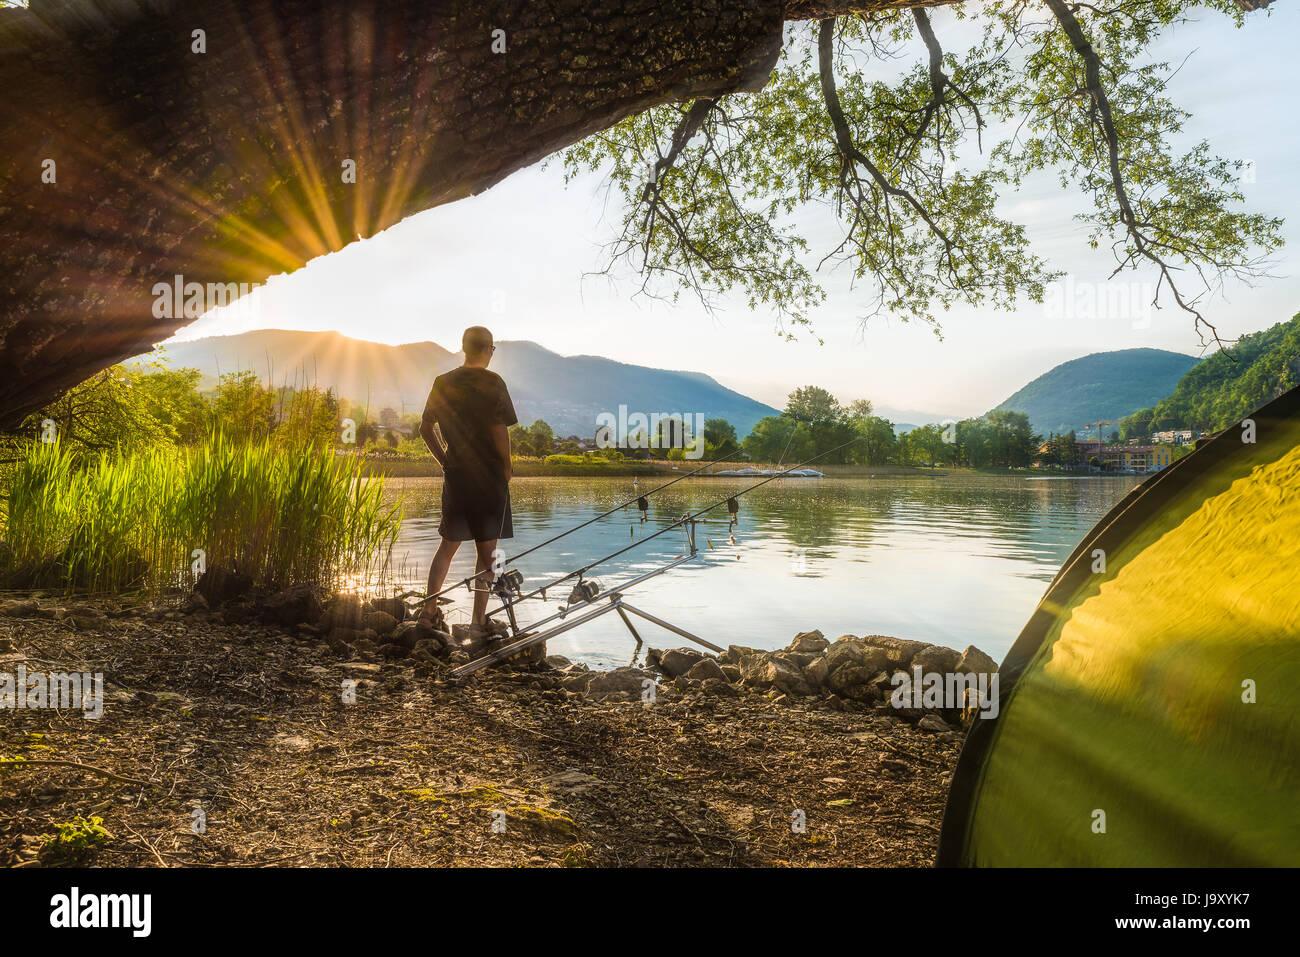 Aventuras de pesca, la pesca de la carpa. Pescador, al atardecer, es la pesca con carpfishing técnica. Camping Imagen De Stock